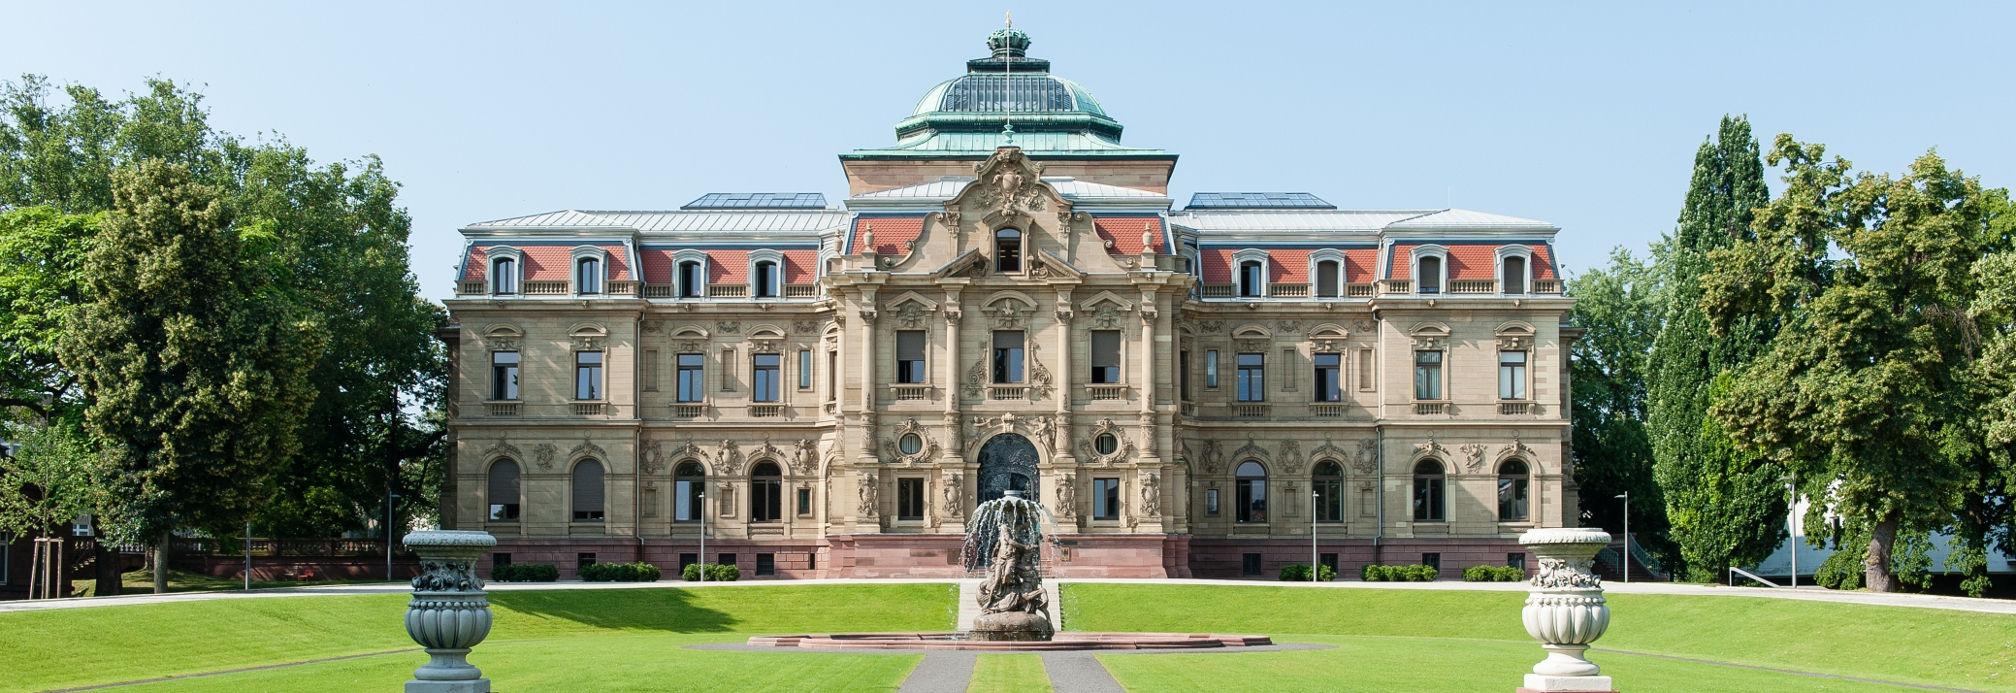 Erbgroßherzogliches Palais des Bundesgerichtshof im Sommer